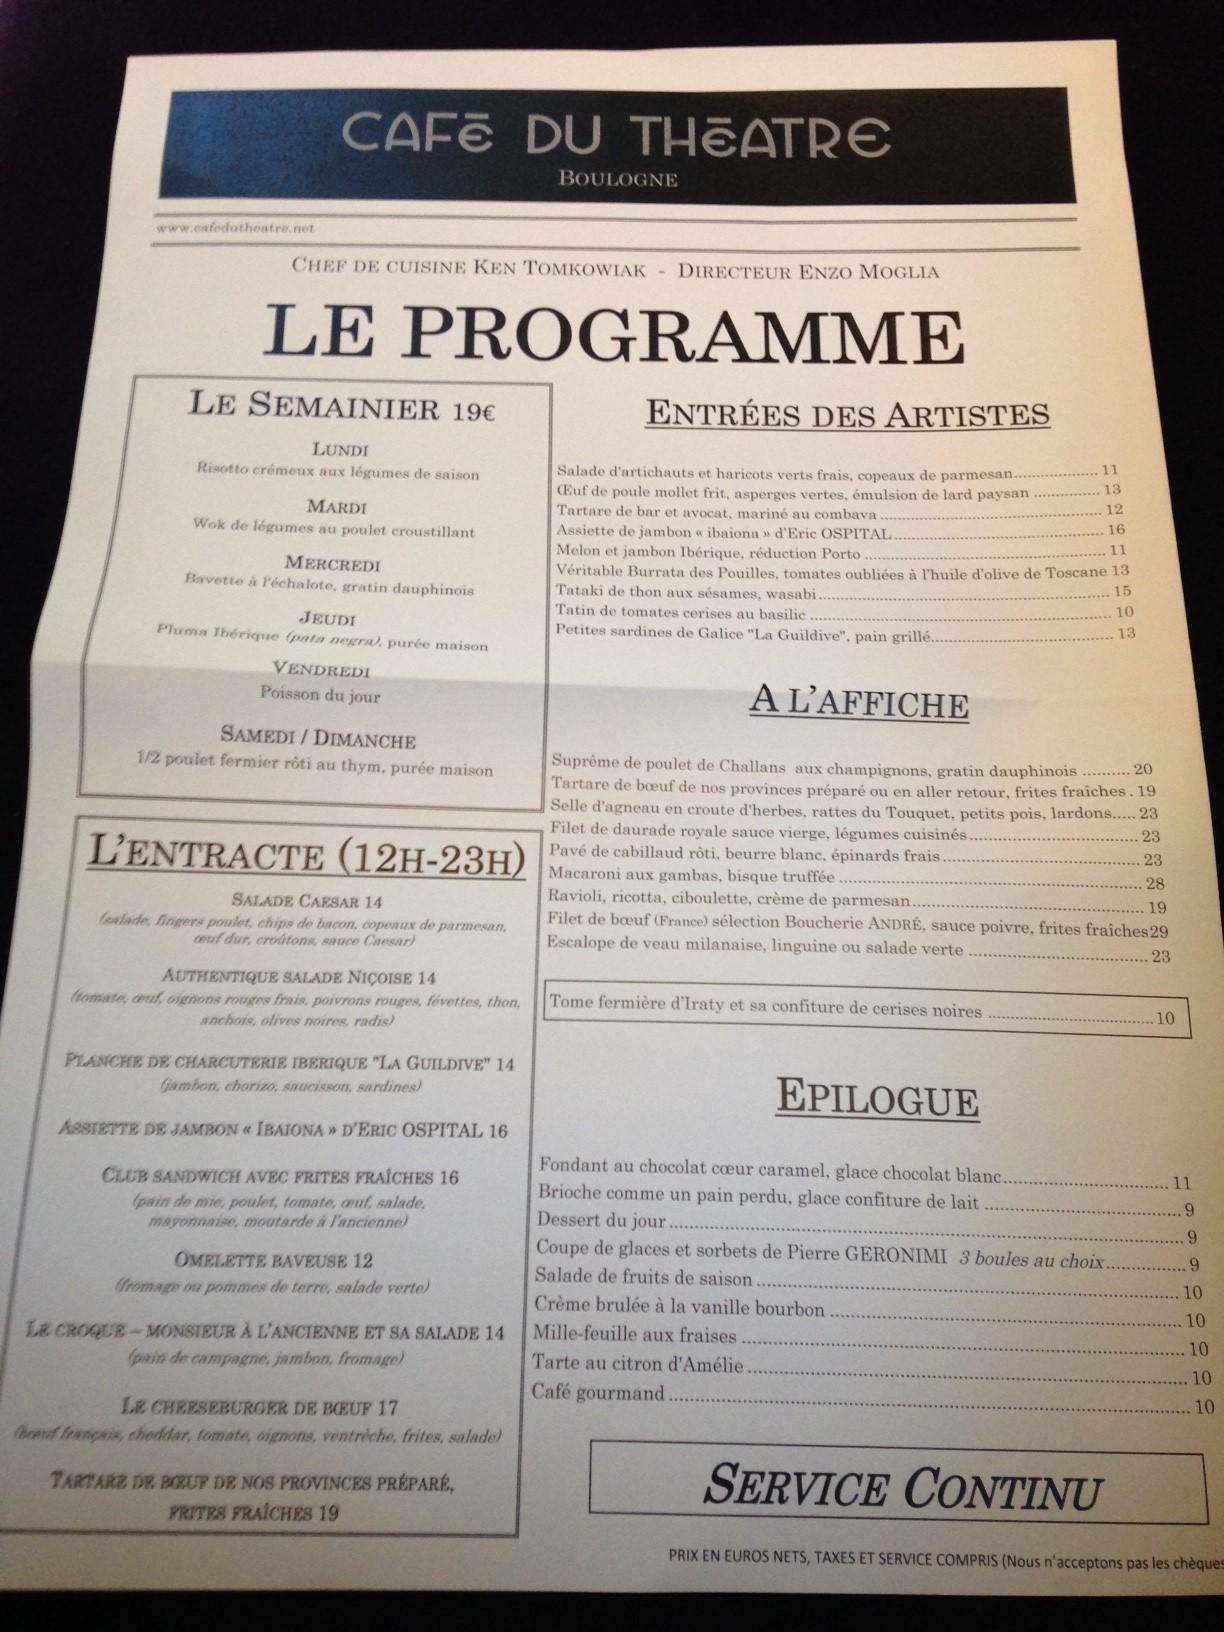 Exceptionnel Café du théâtre 8,75/10 – les Restos de Boulogne WC03